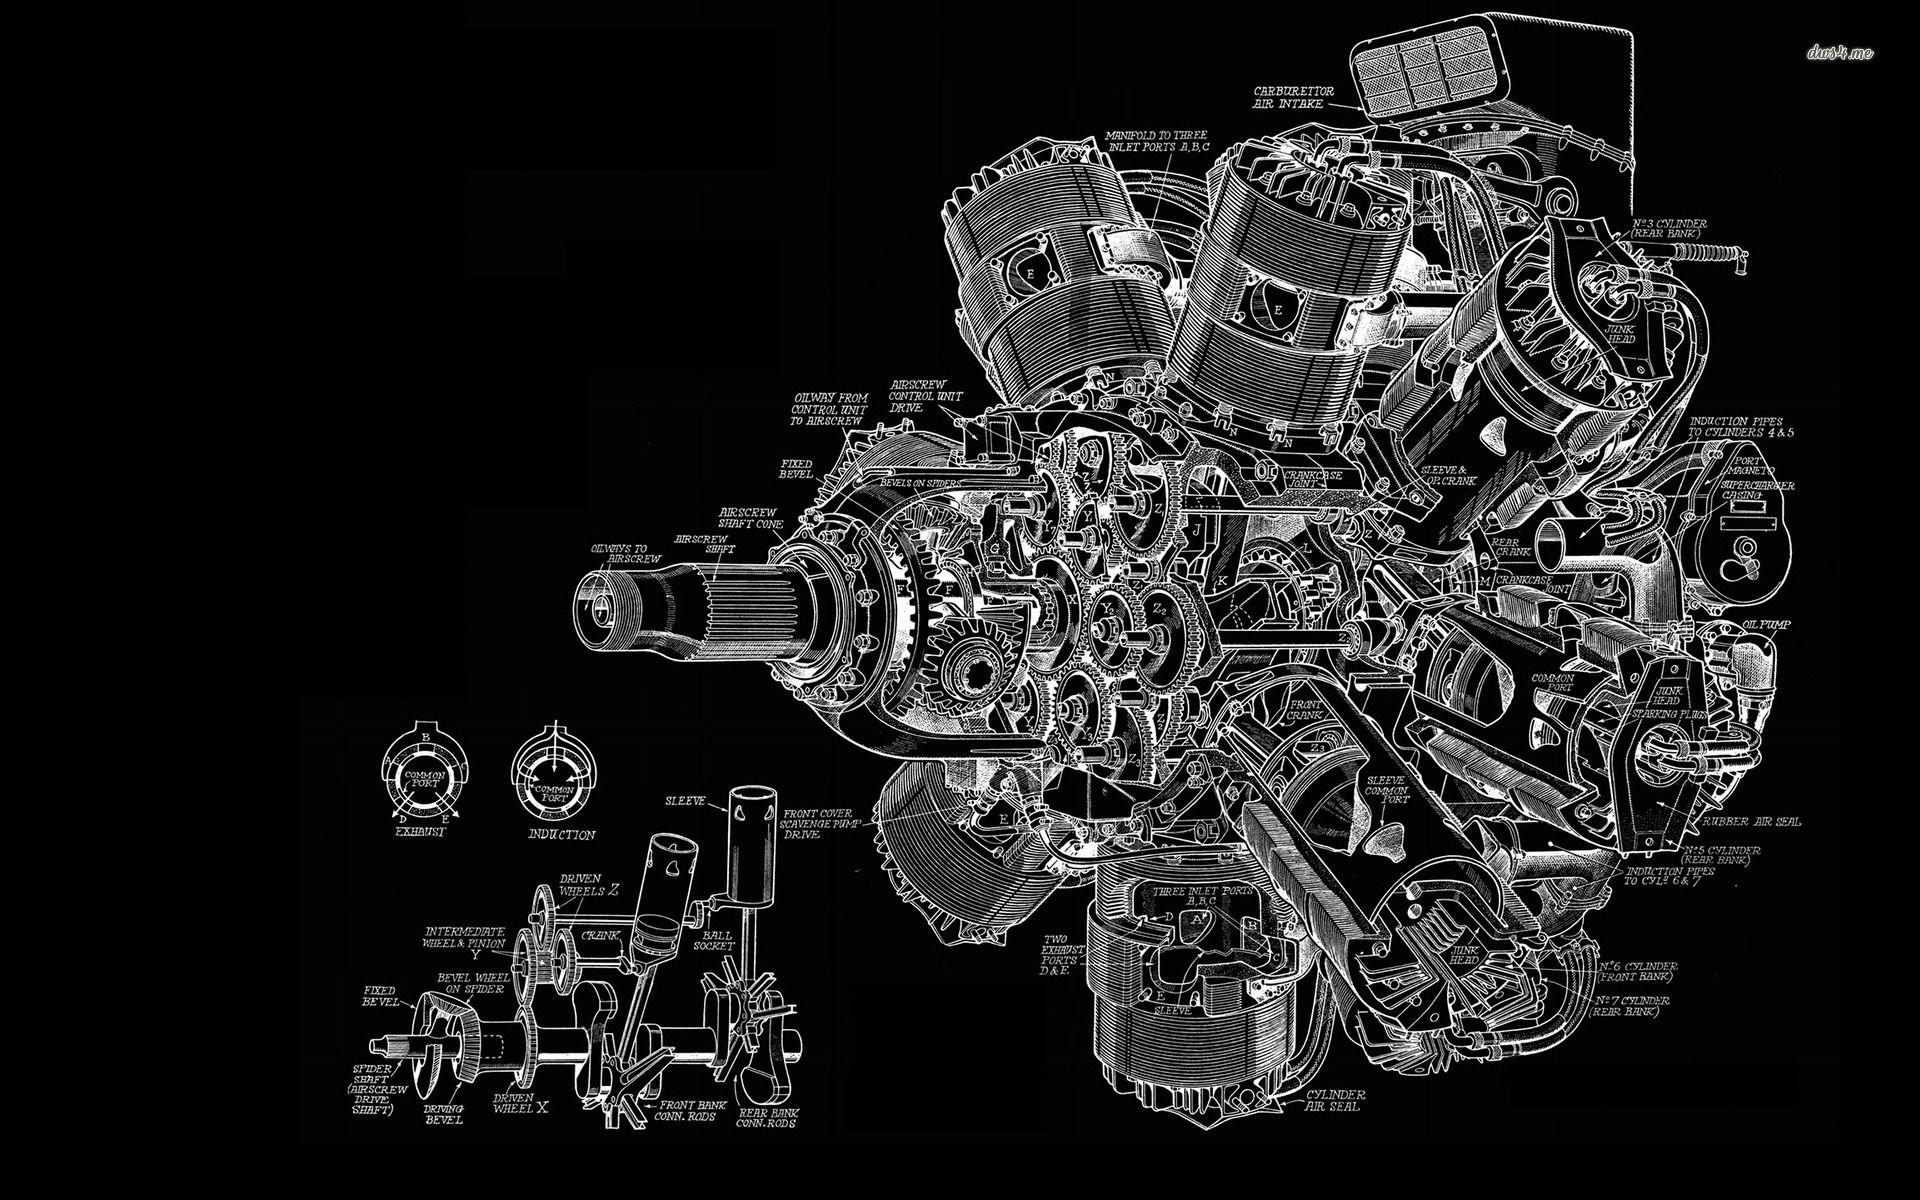 Unduh 85 Wallpaper Hd Engine Gratis Terbaru